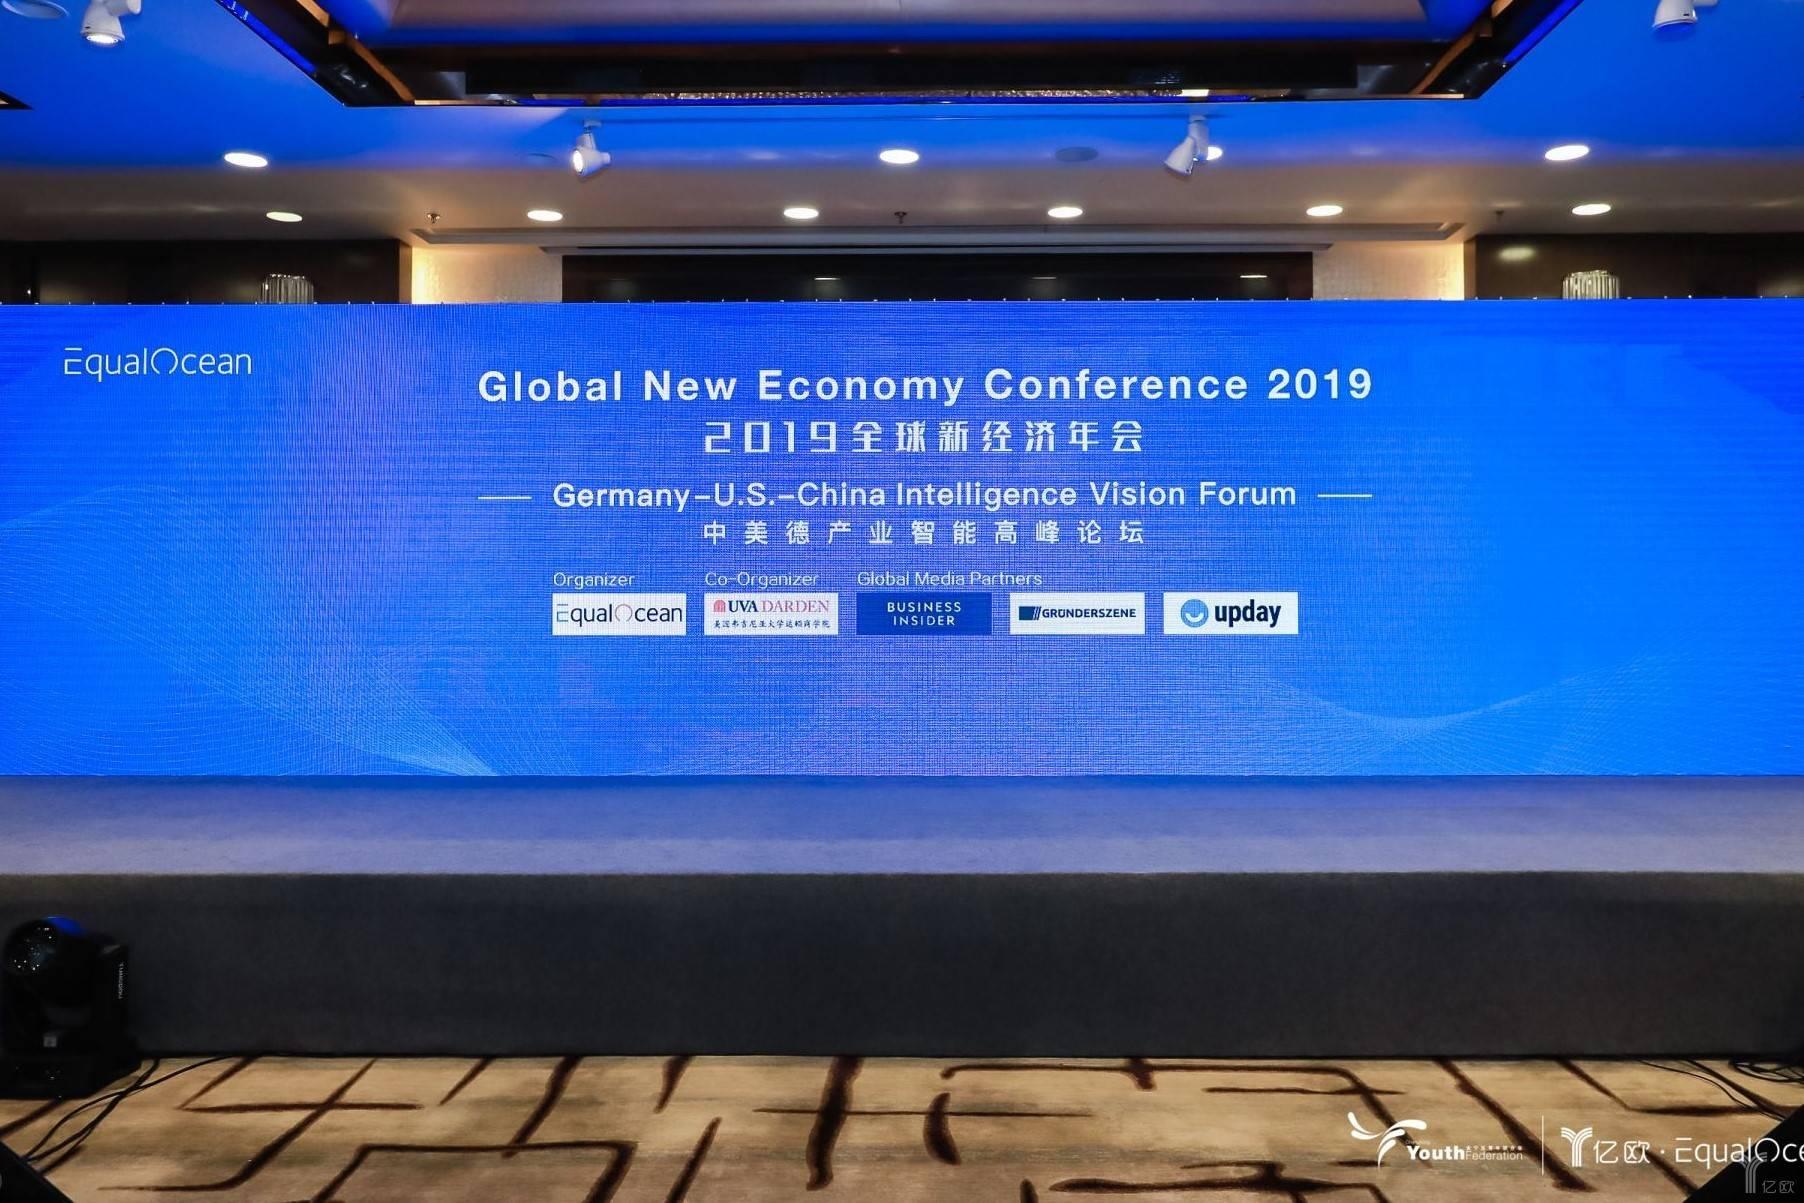 2019年全球新经济年会-中美德产业智能高峰论坛顺利举办